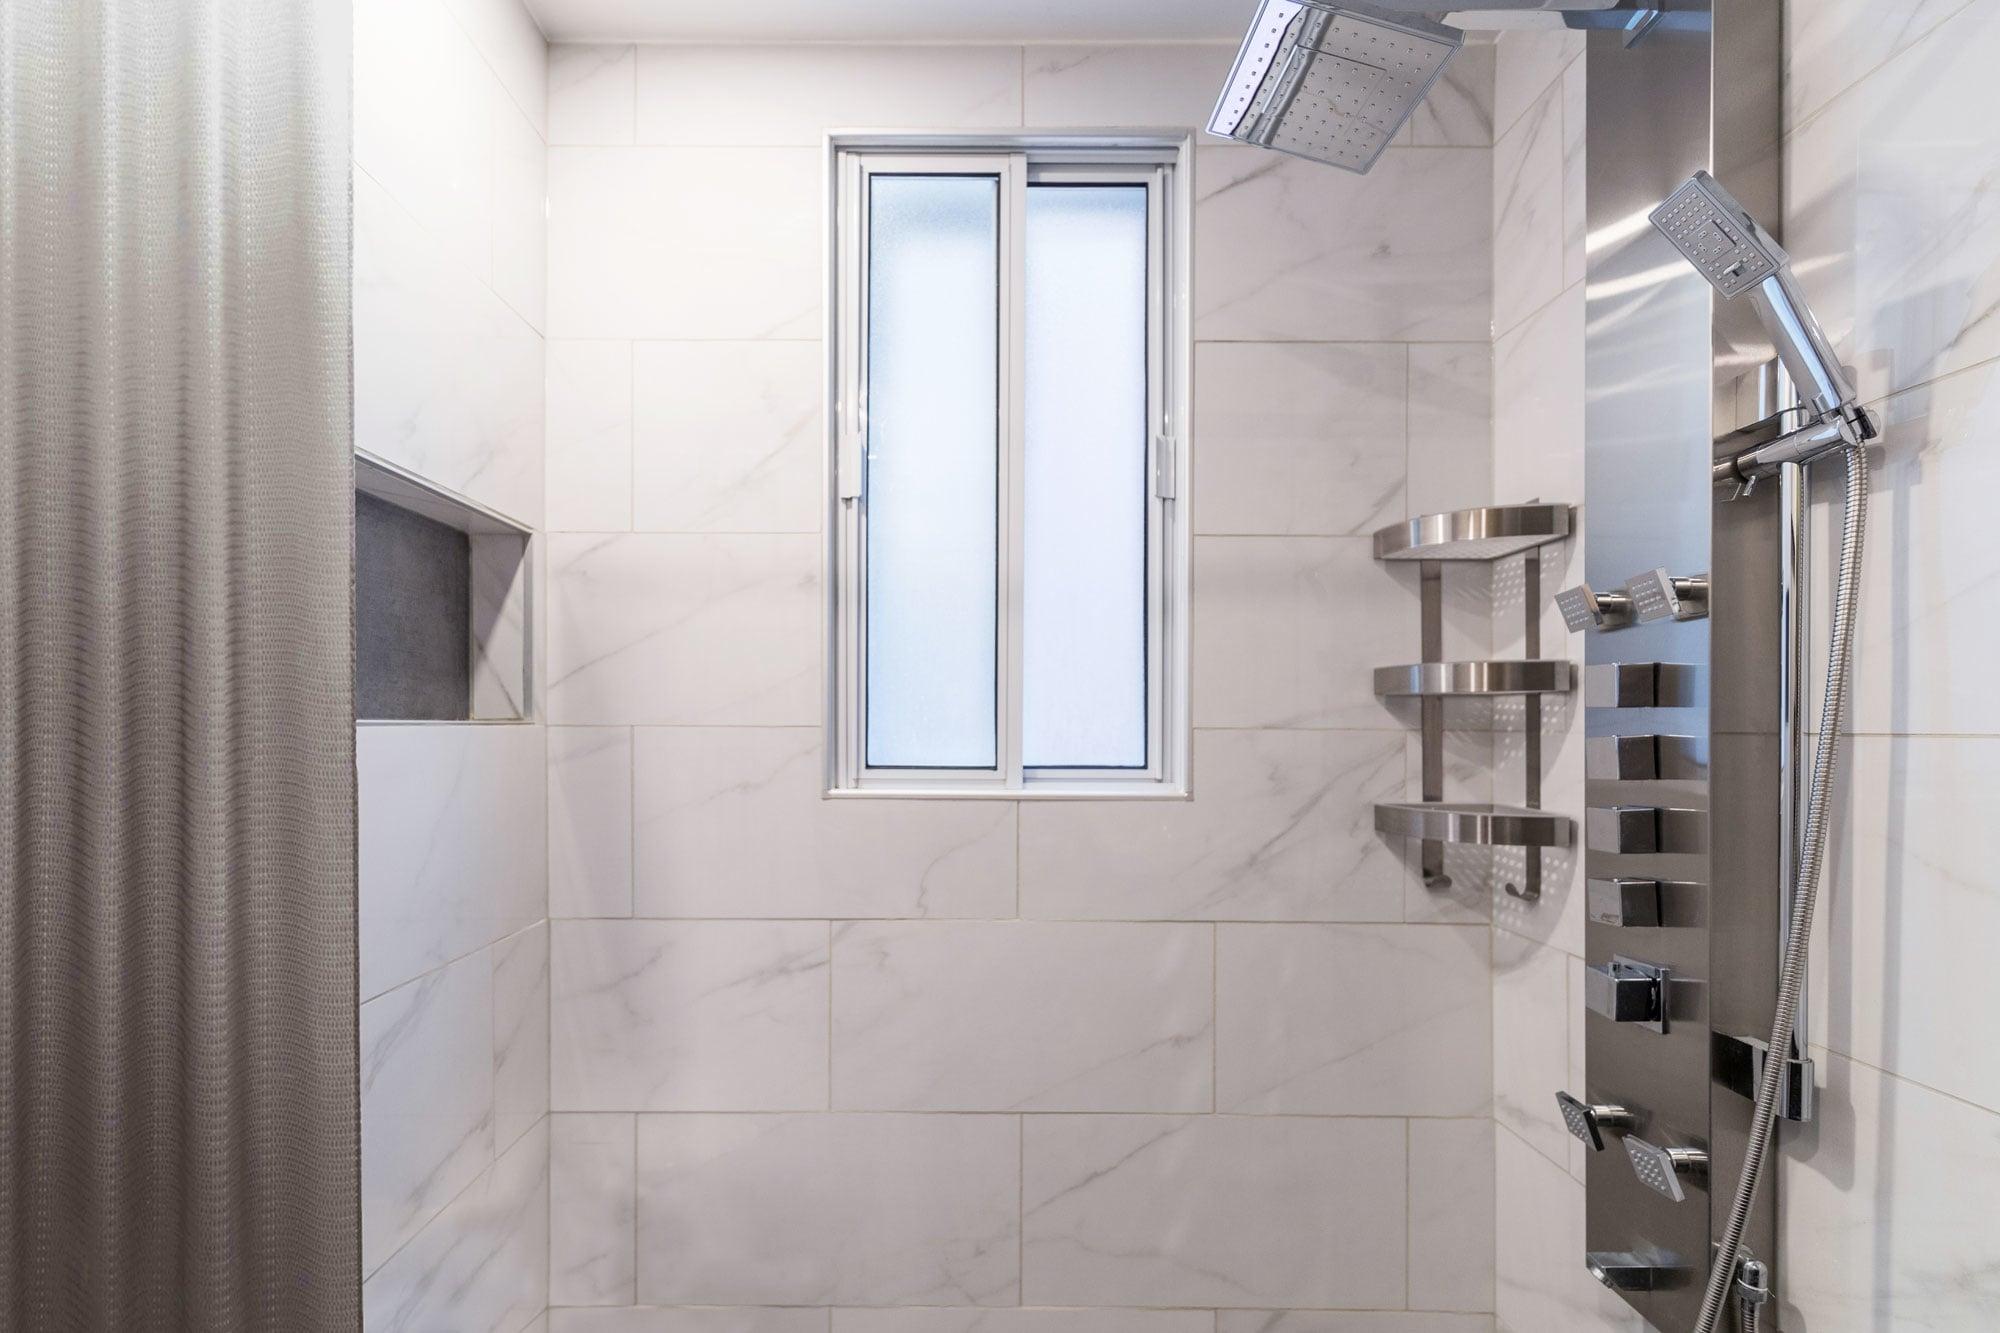 douche en céramique imitation marbre